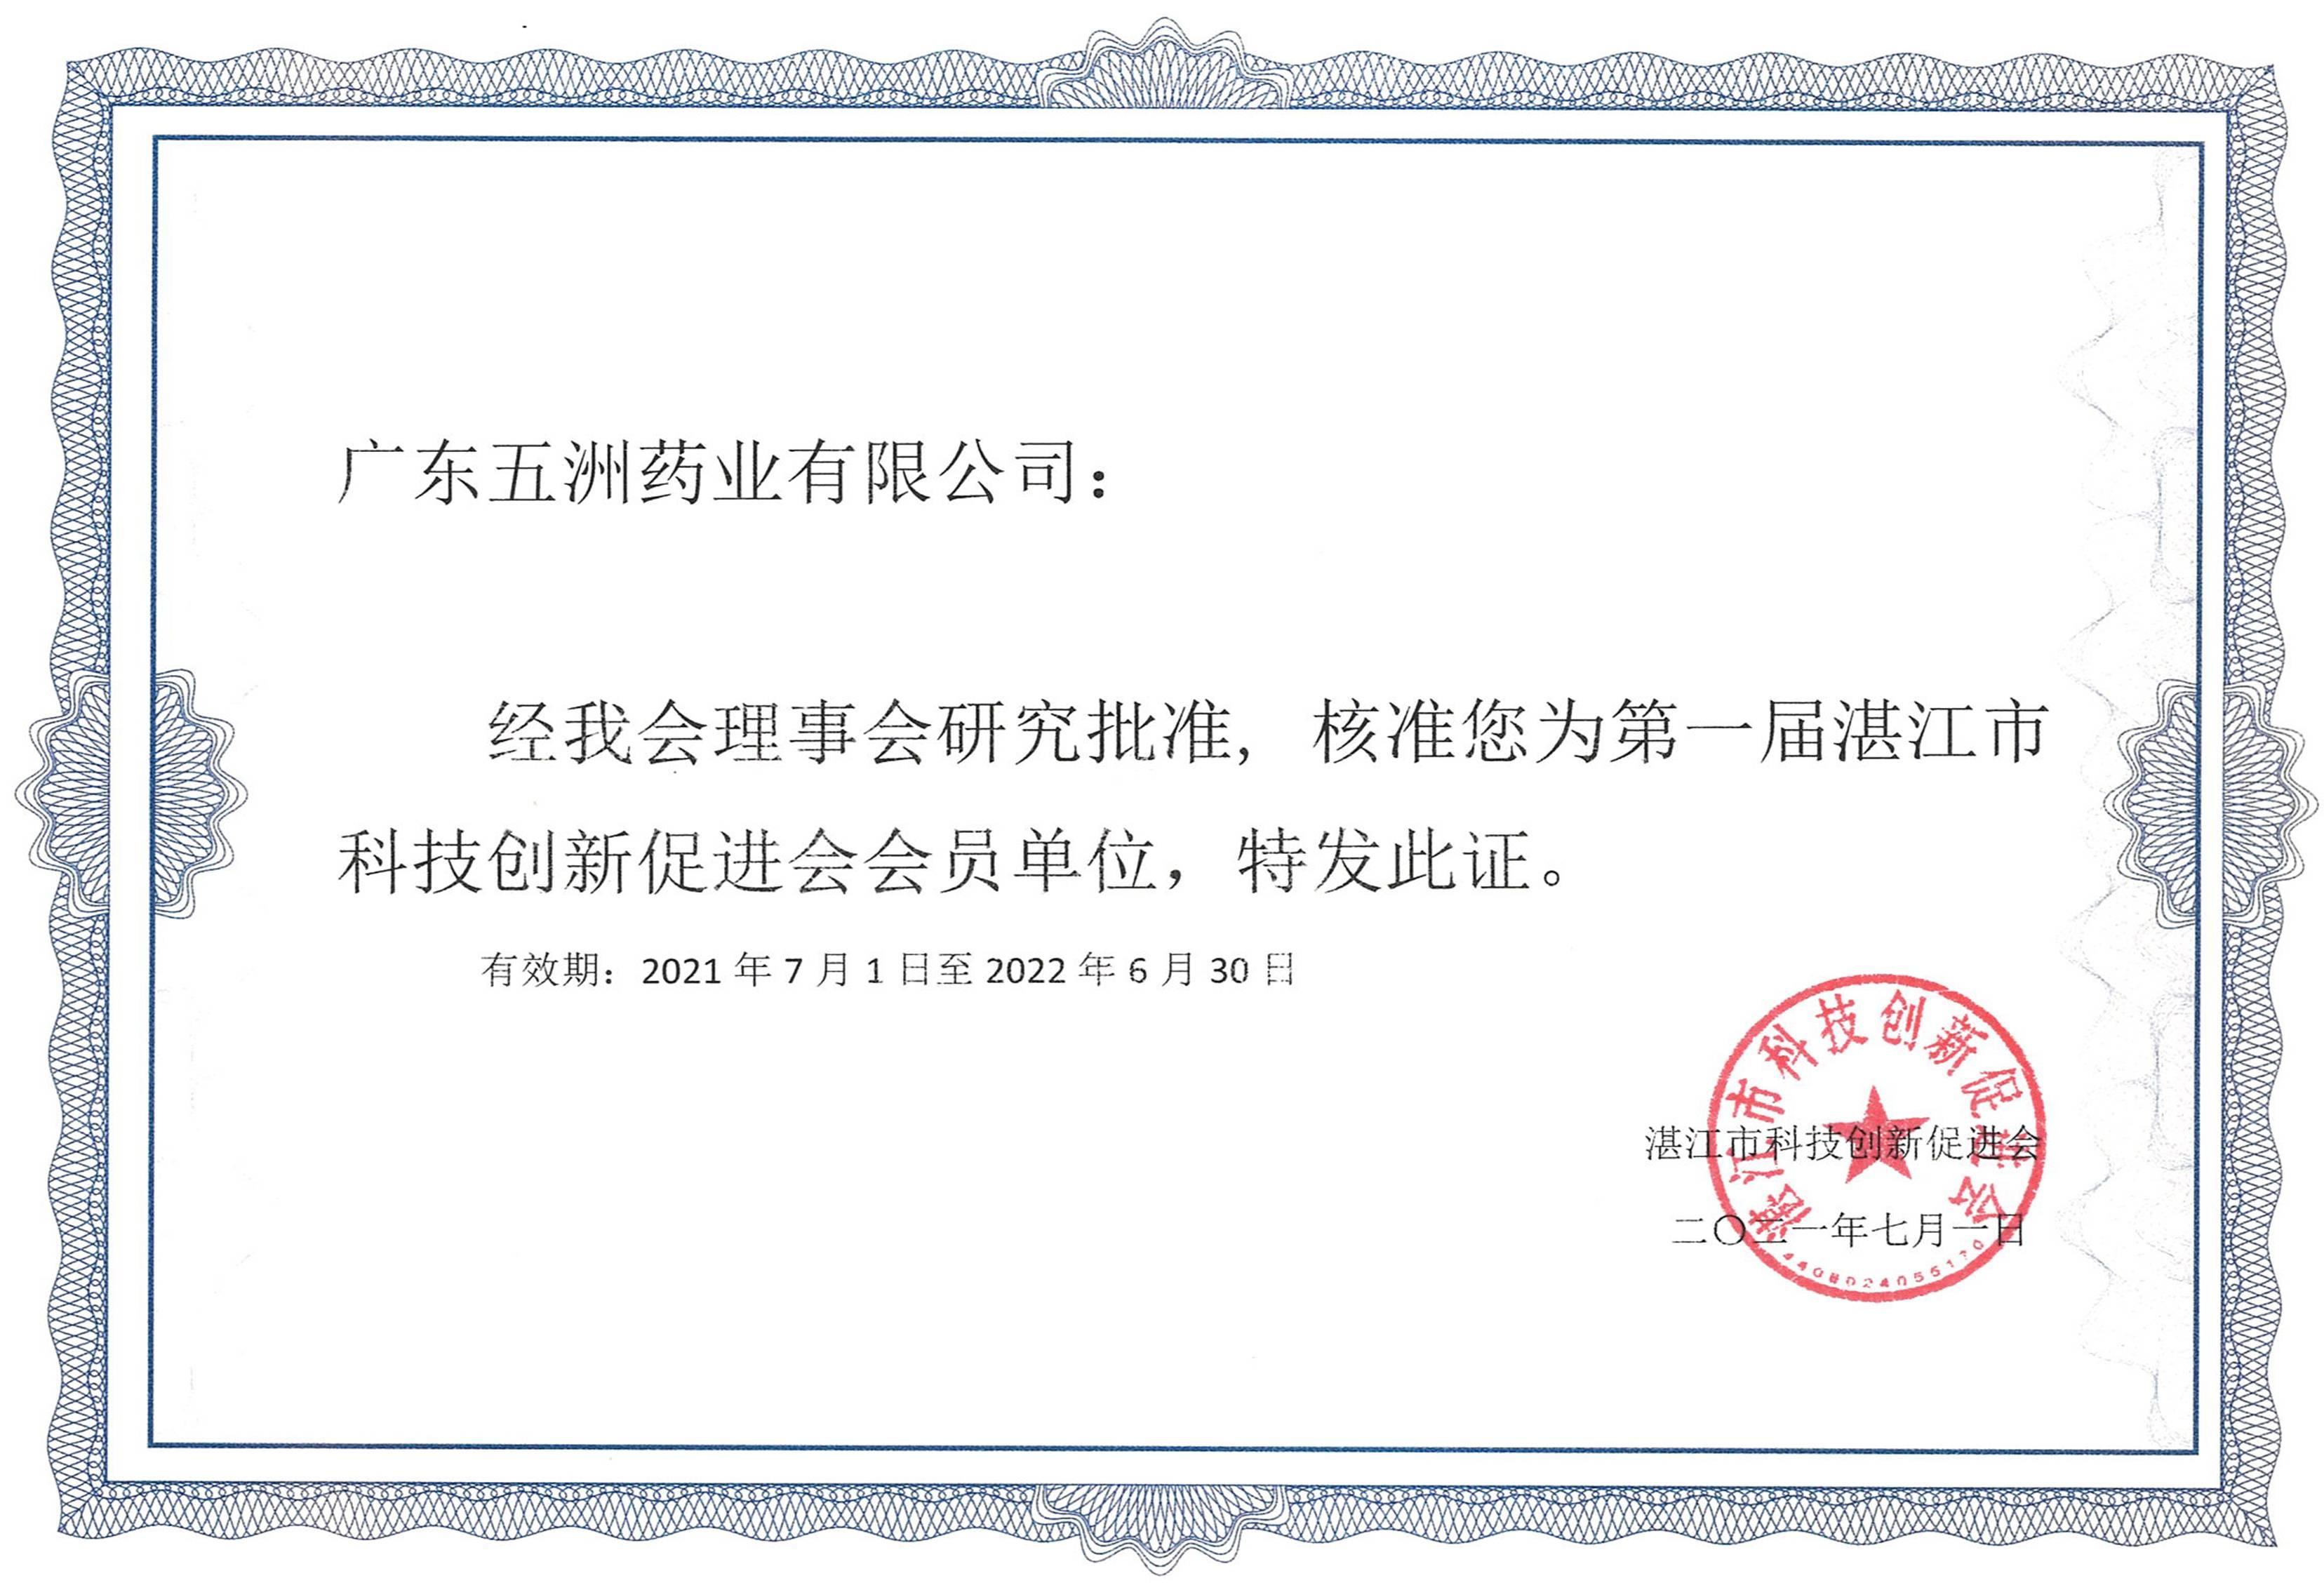 湛江市科技创新促进会